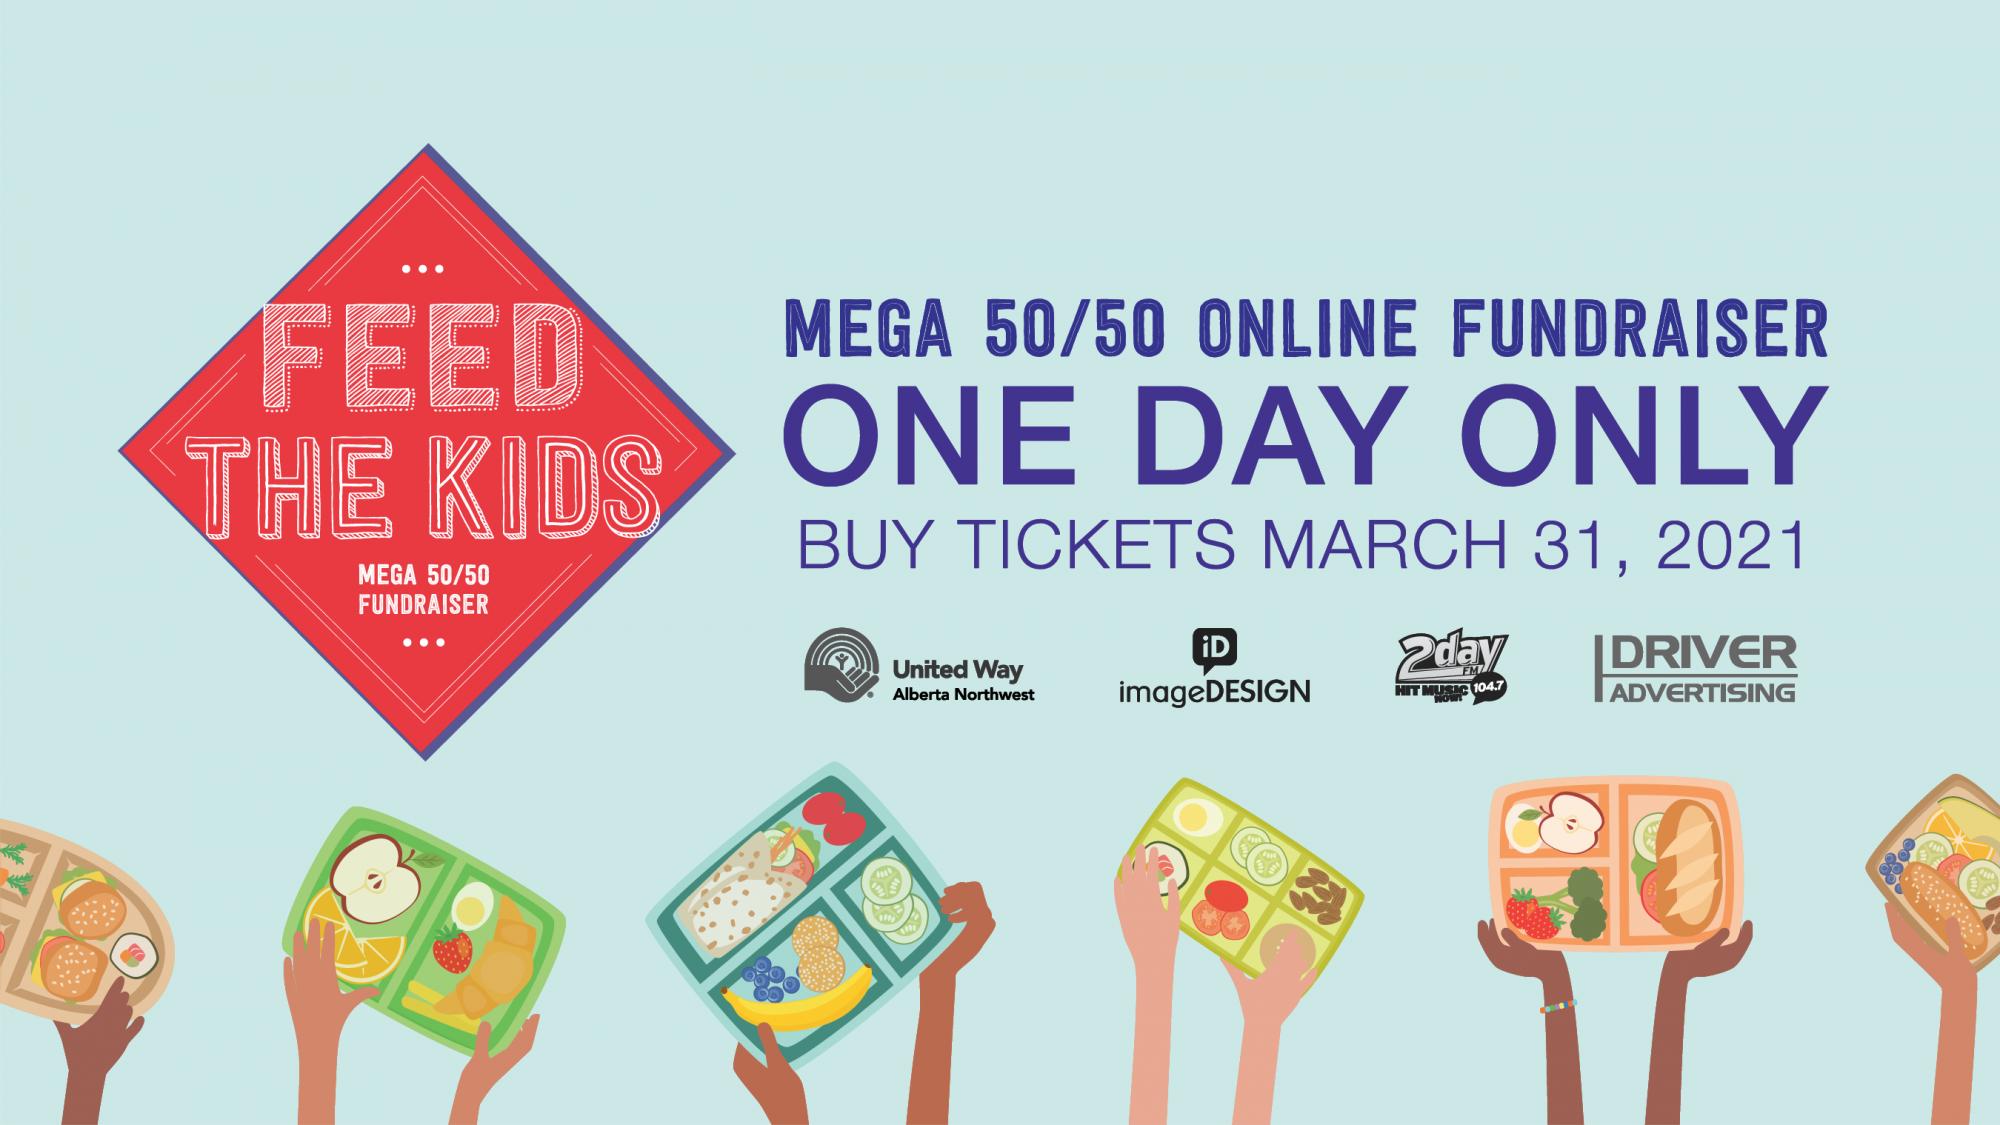 Feed the Kids Mega 50/50 Online Fundraiser